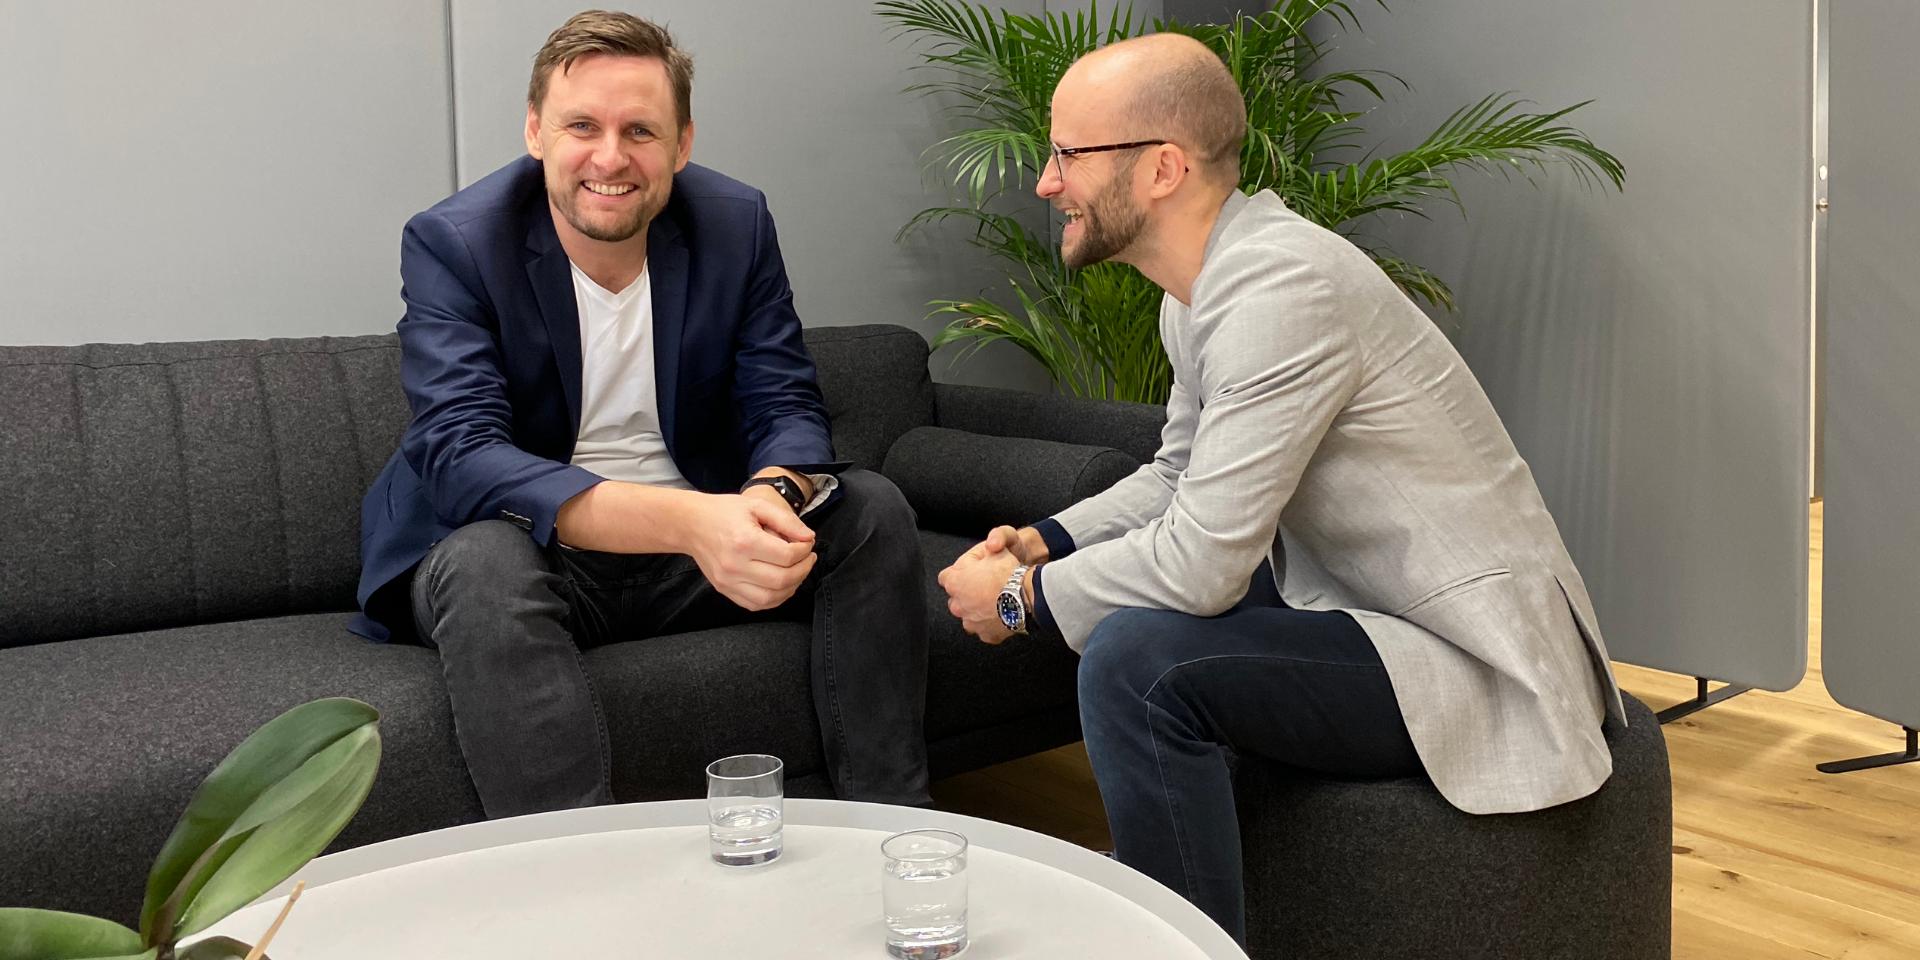 CEO Rune Mai and CSO Jonas Vogt Rasmussen